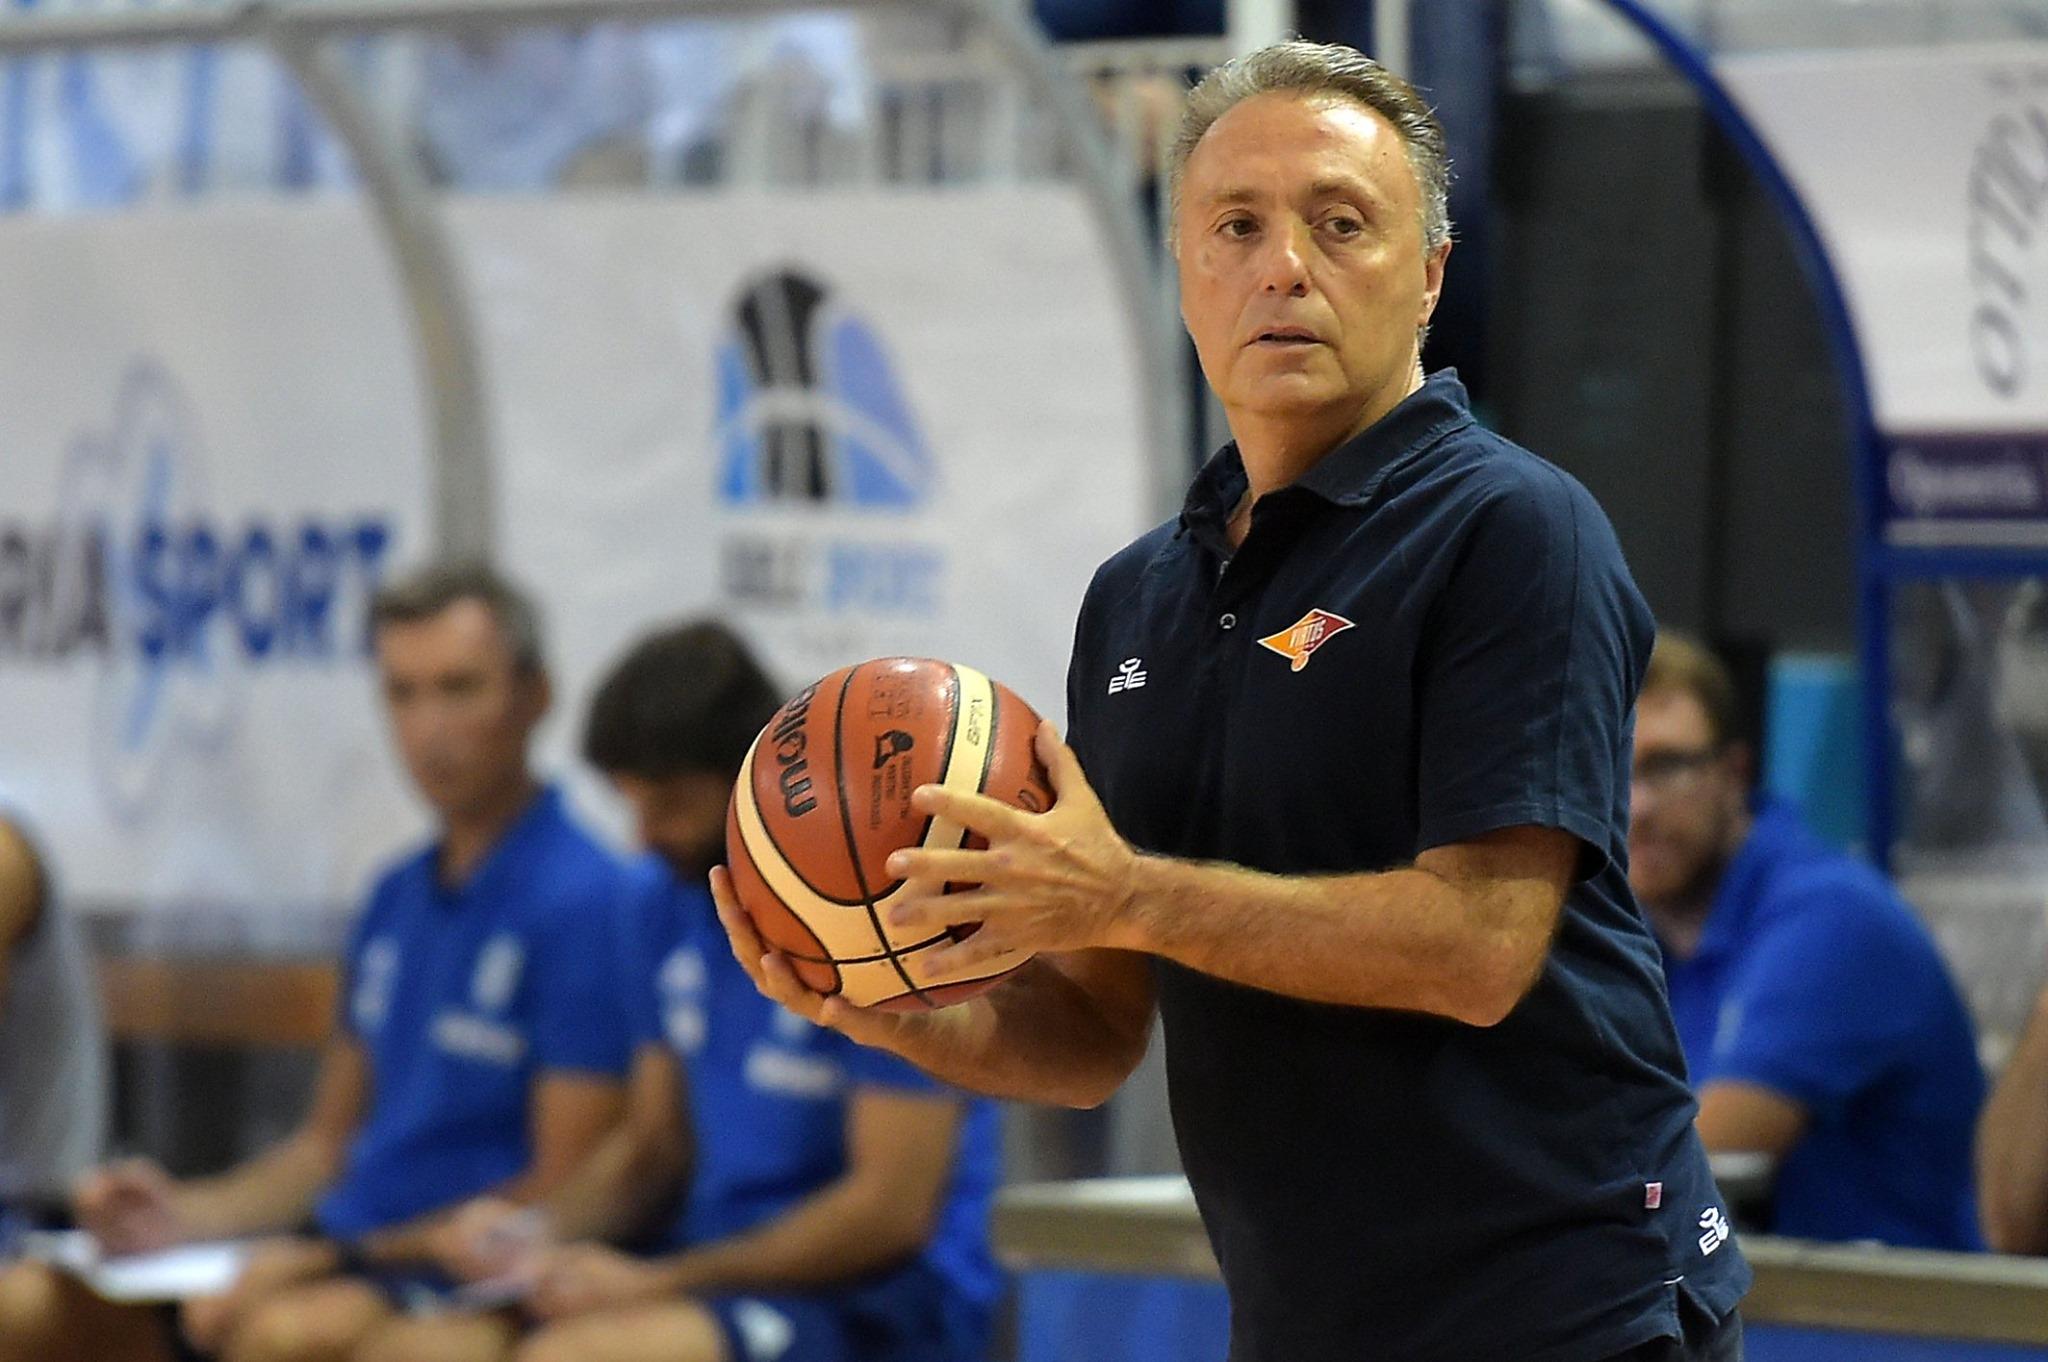 Legabasket LBA precampionato 2019-20: la Virtus Roma ufficializza Liam Farley iniziando tra meno di 24 ore la sua nuova stagione